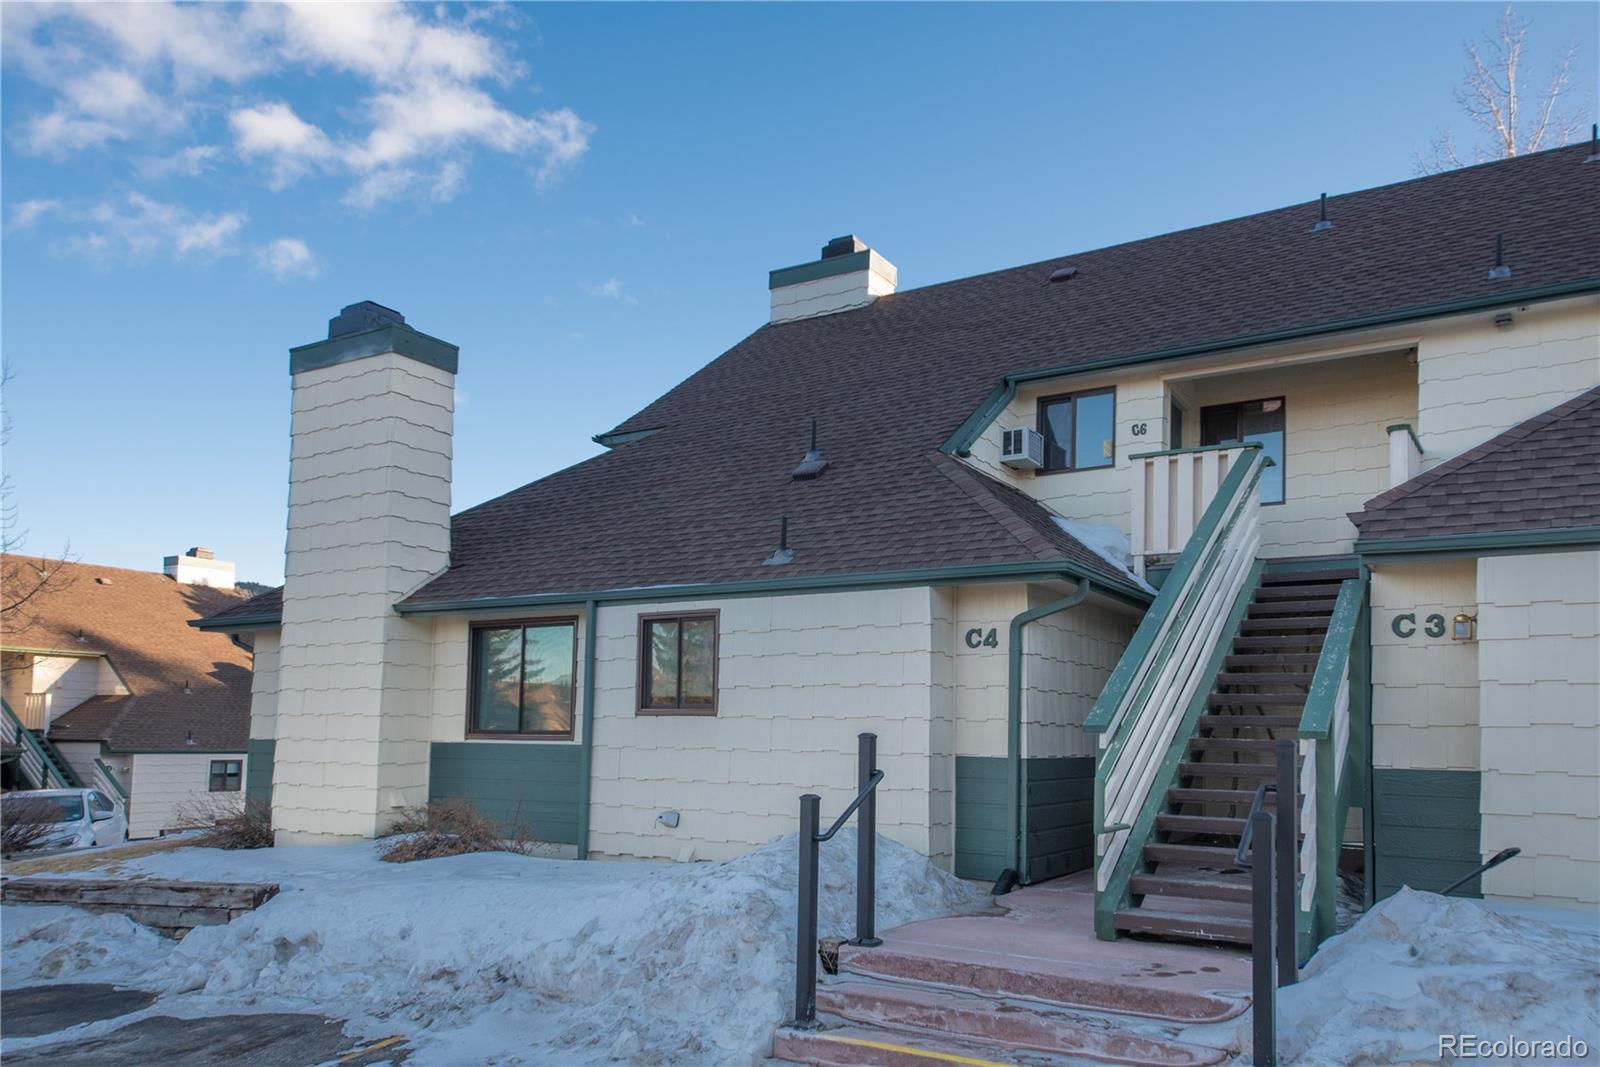 1010 S Saint Vrain Avenue #C-6, Estes Park, CO 80517 - Estes Park, CO real estate listing